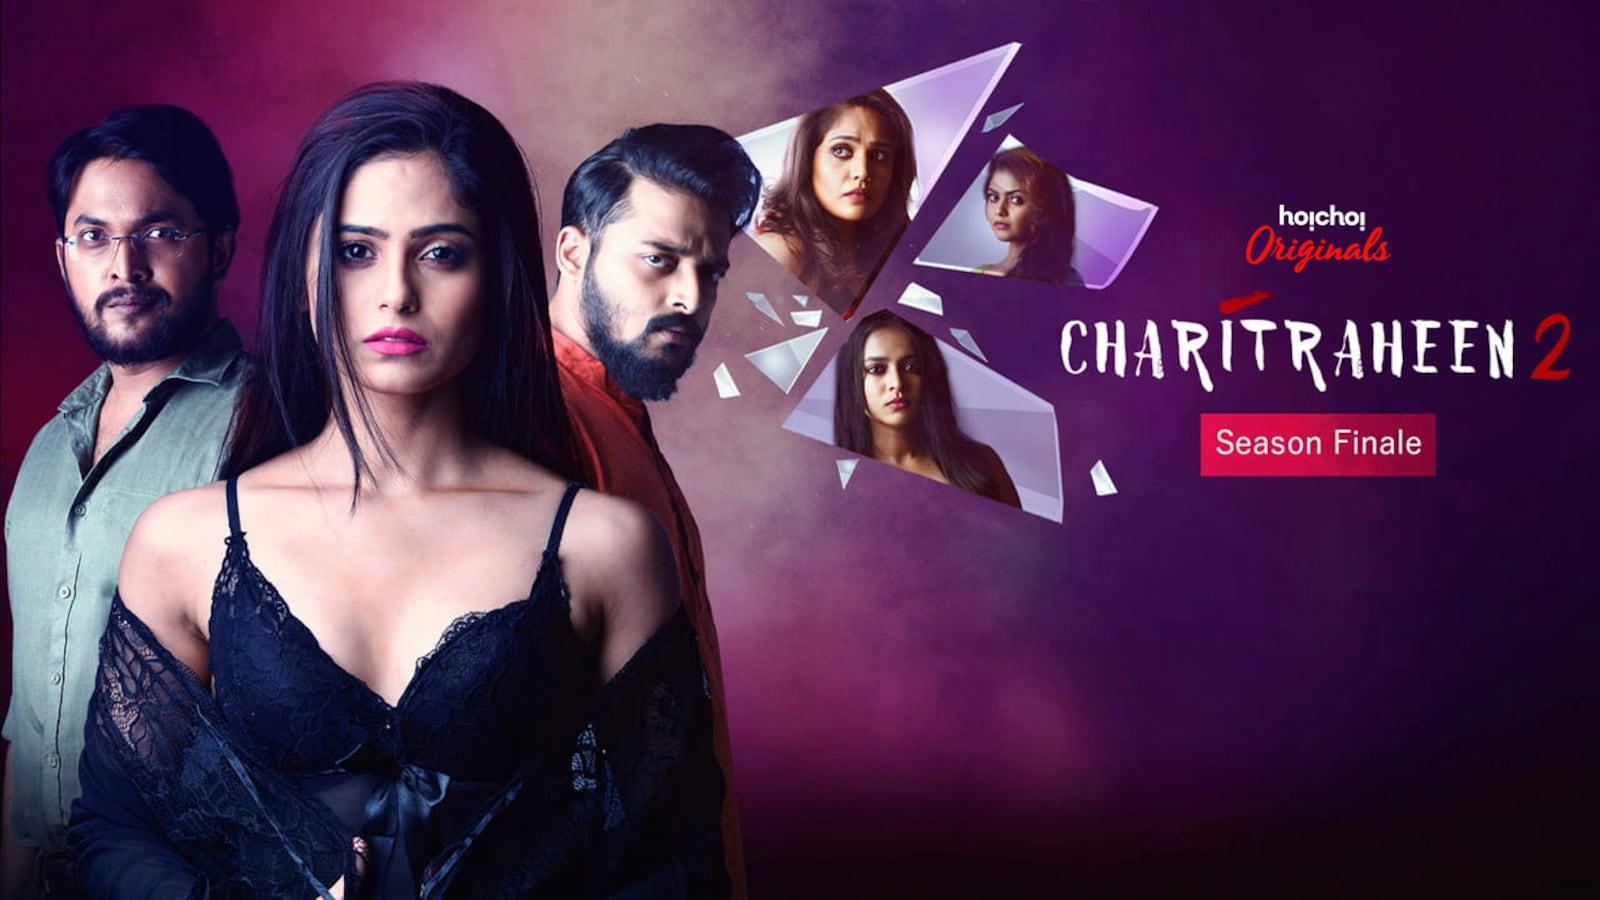 charitraheen 2019 এর ছবির ফলাফল